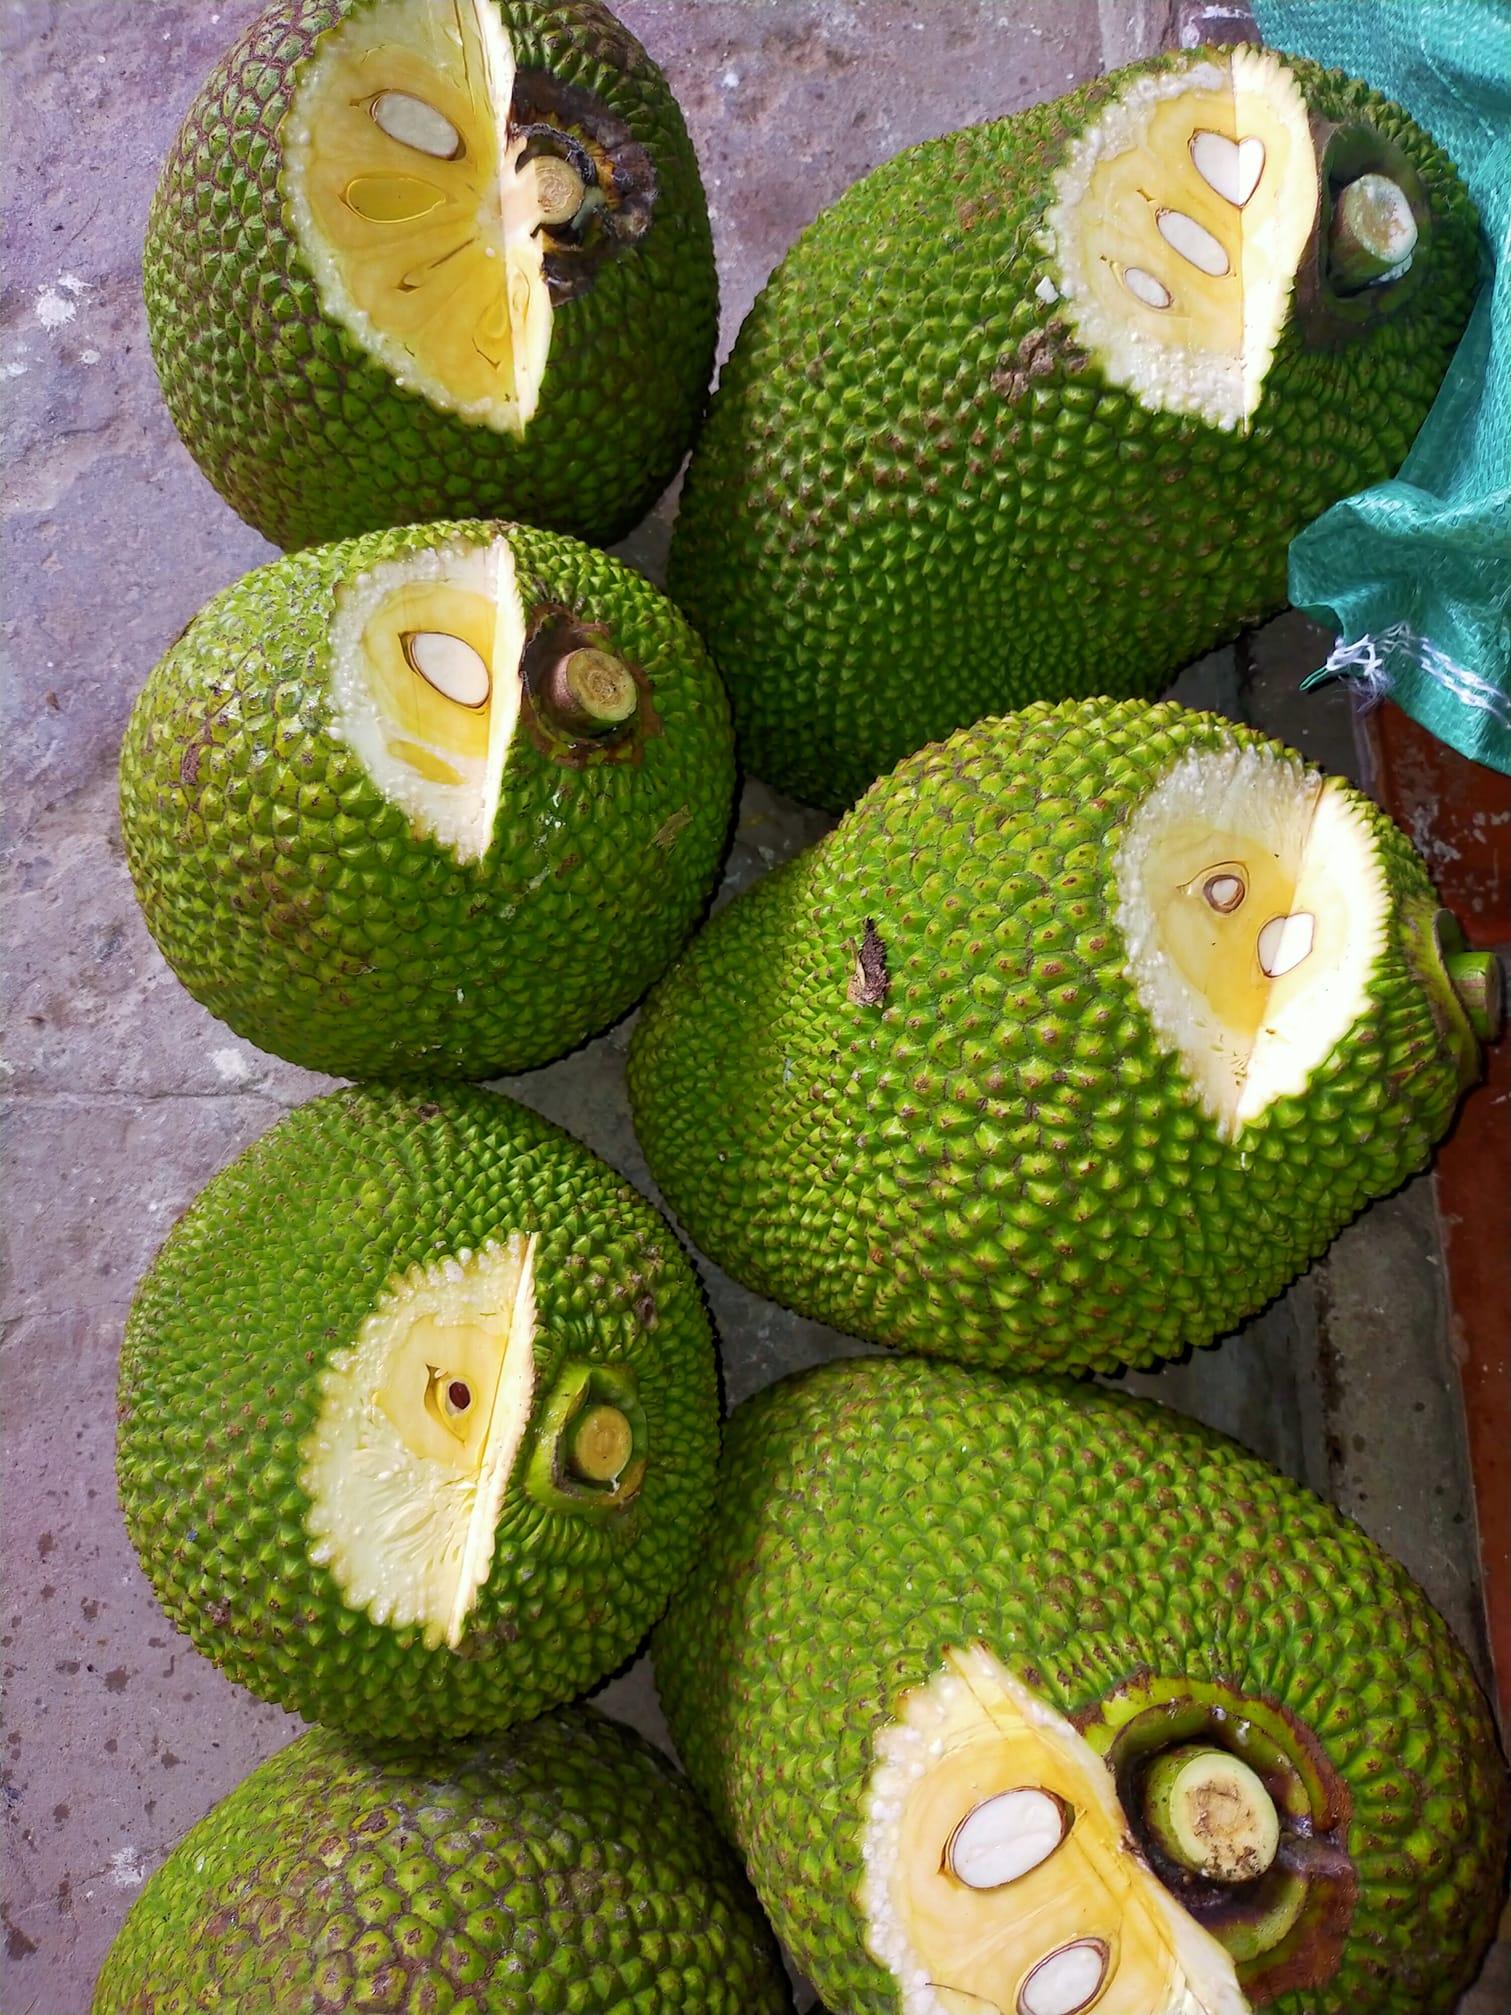 Mít Thái giảm giá vì ngừng xuất khẩu, người trồng khóc vì chỉ đủ tiền phân bón - Ảnh 4.